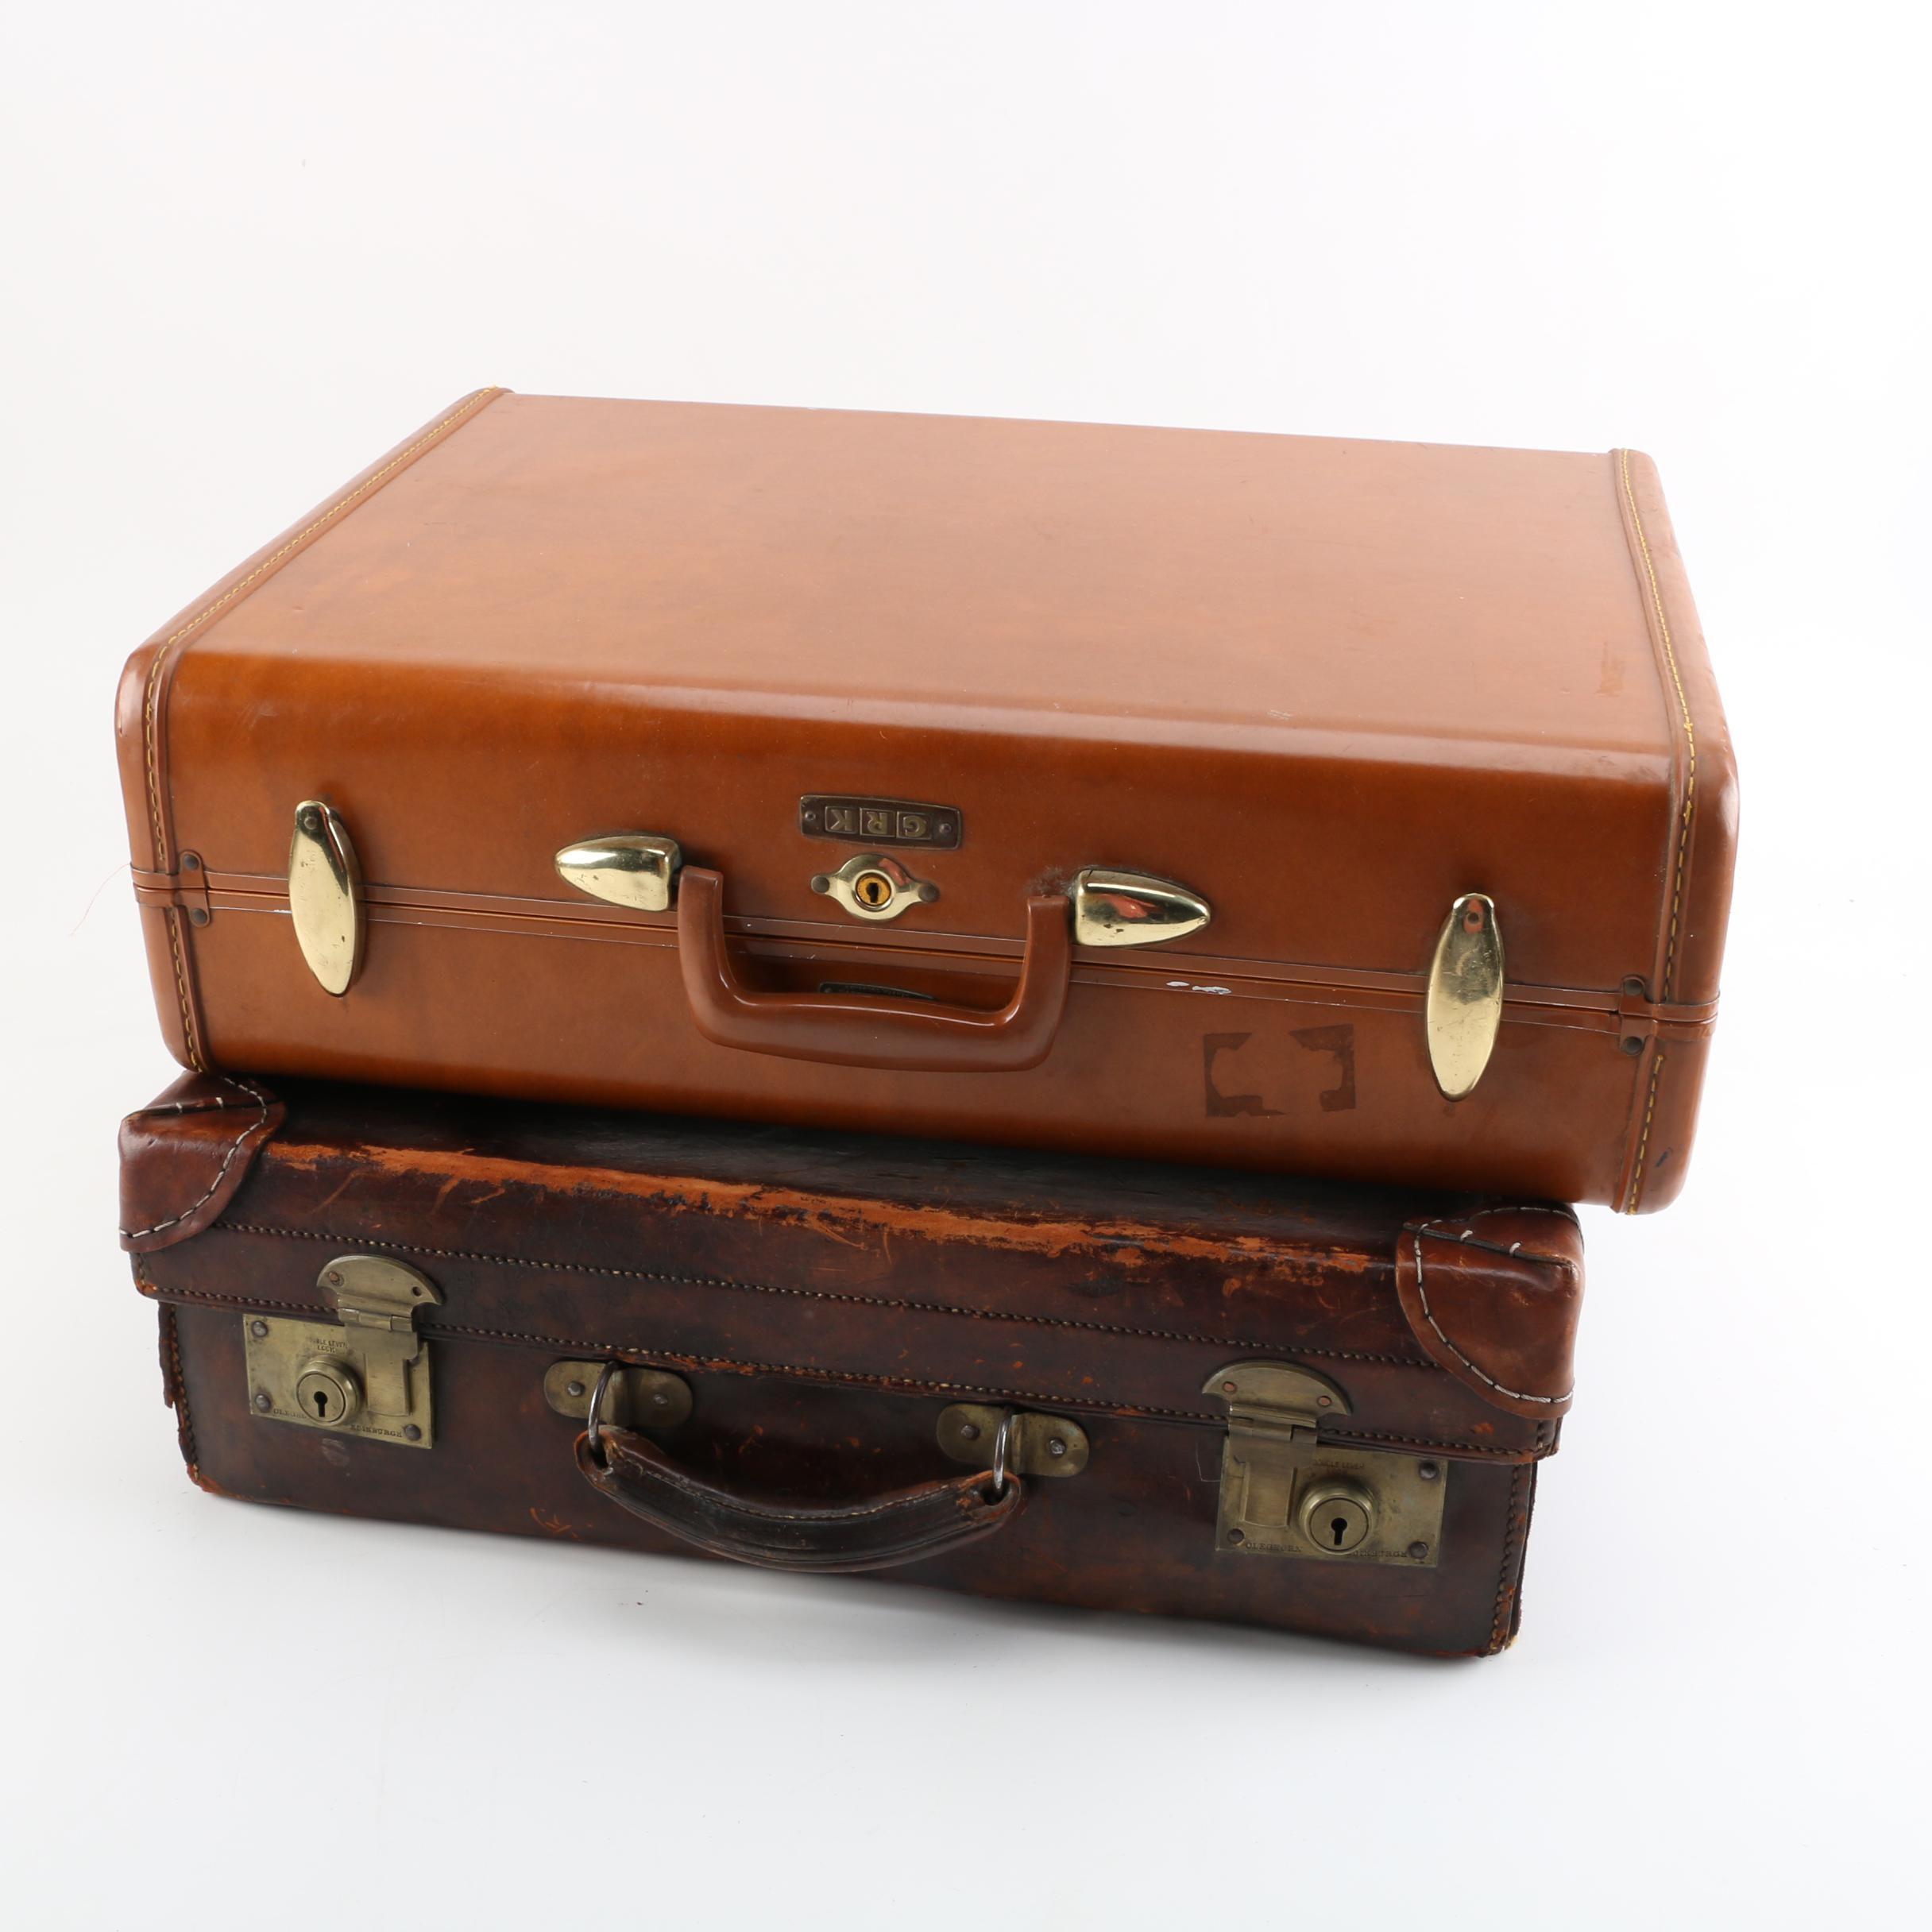 Vintage Samsonite and Cleghorn Suitcases